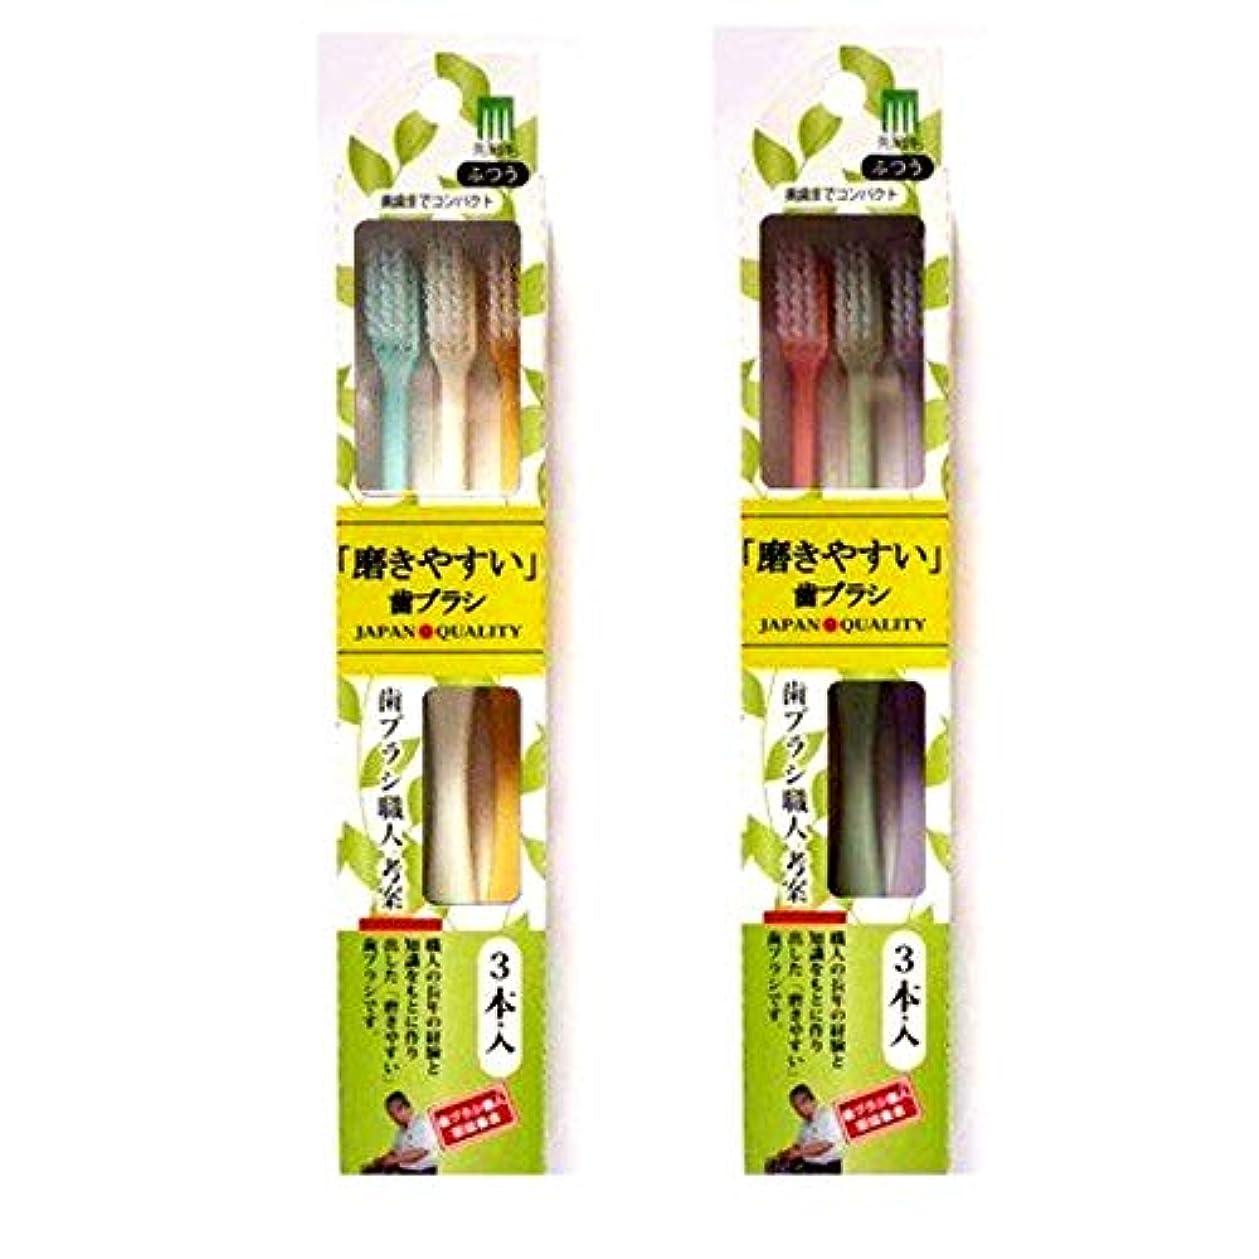 単独で魂仕出します磨きやすい歯ブラシ (先細毛) 奥までコンパクト3本組 ELT-1 (色選択不可)